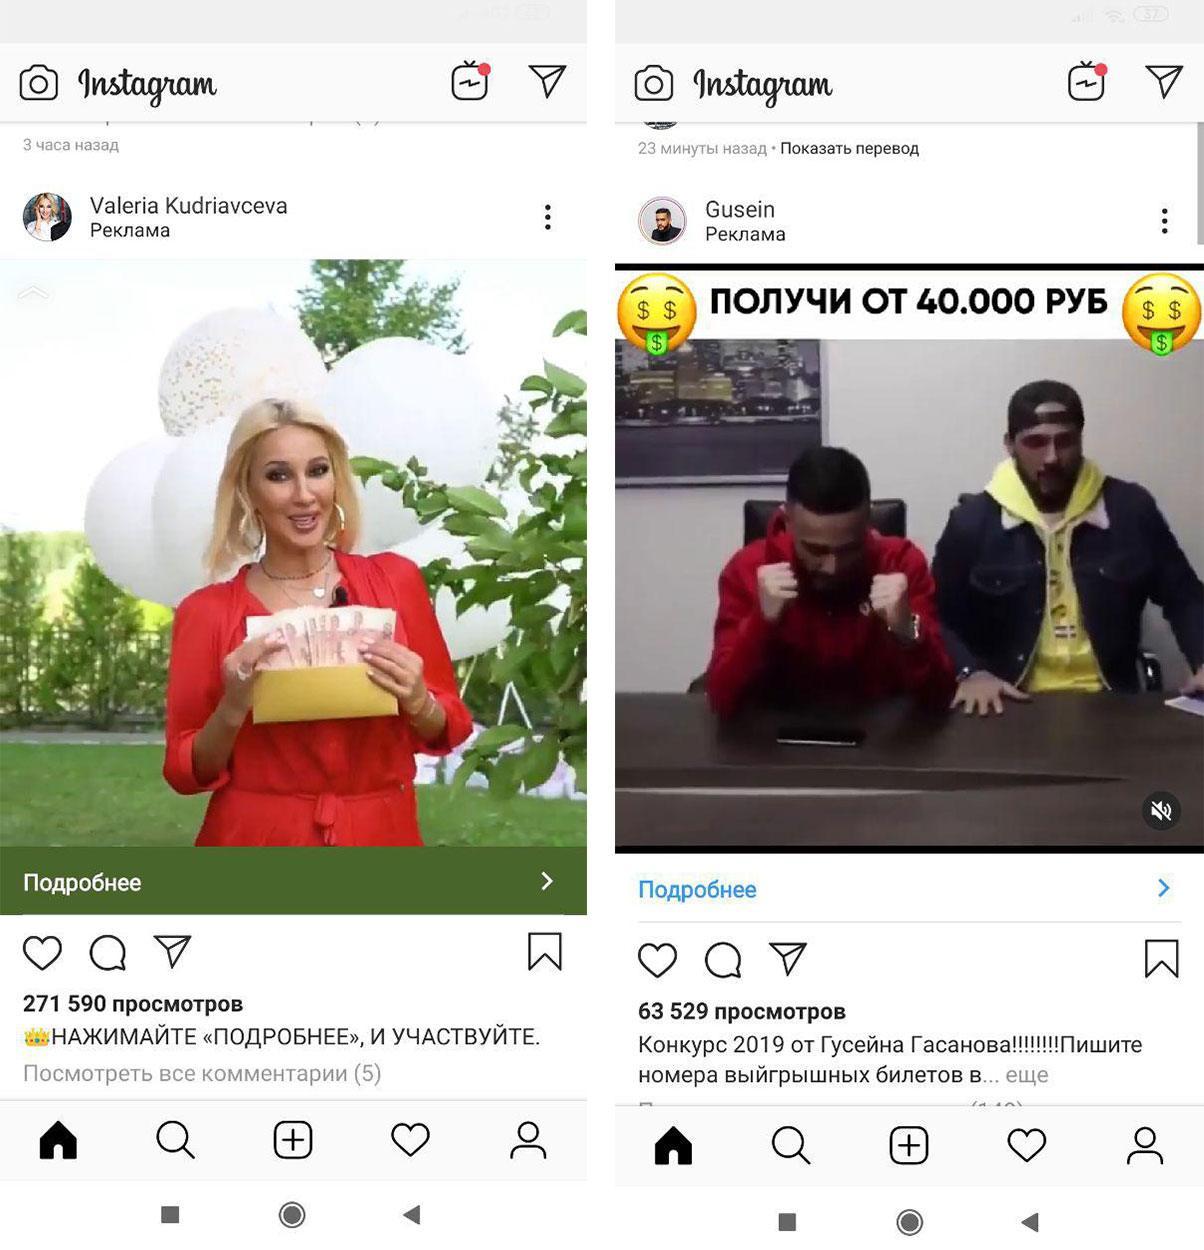 Еще один пример рекламы платных опросов от лица фальшивых Instagram-аккаунтов знаменитостей